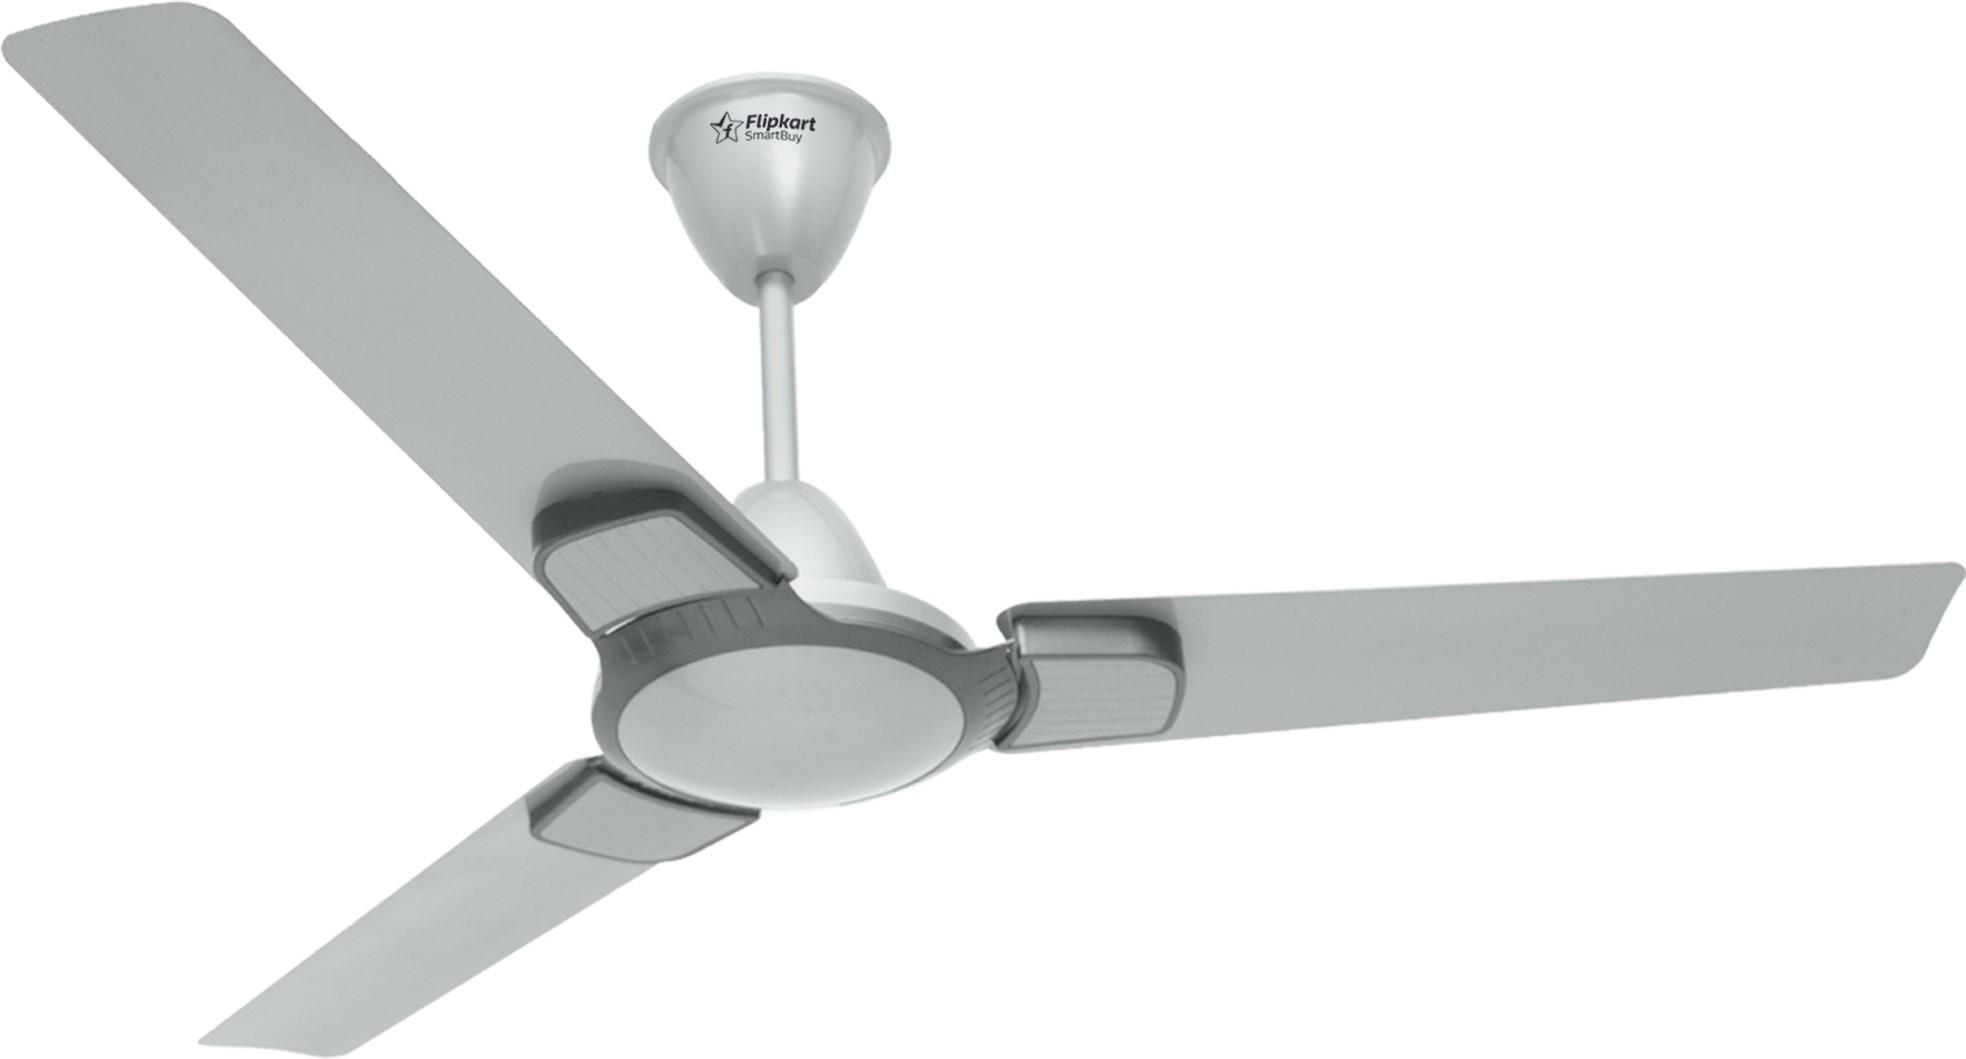 Flipkart Smart Exotica Ceiling Fan Silver